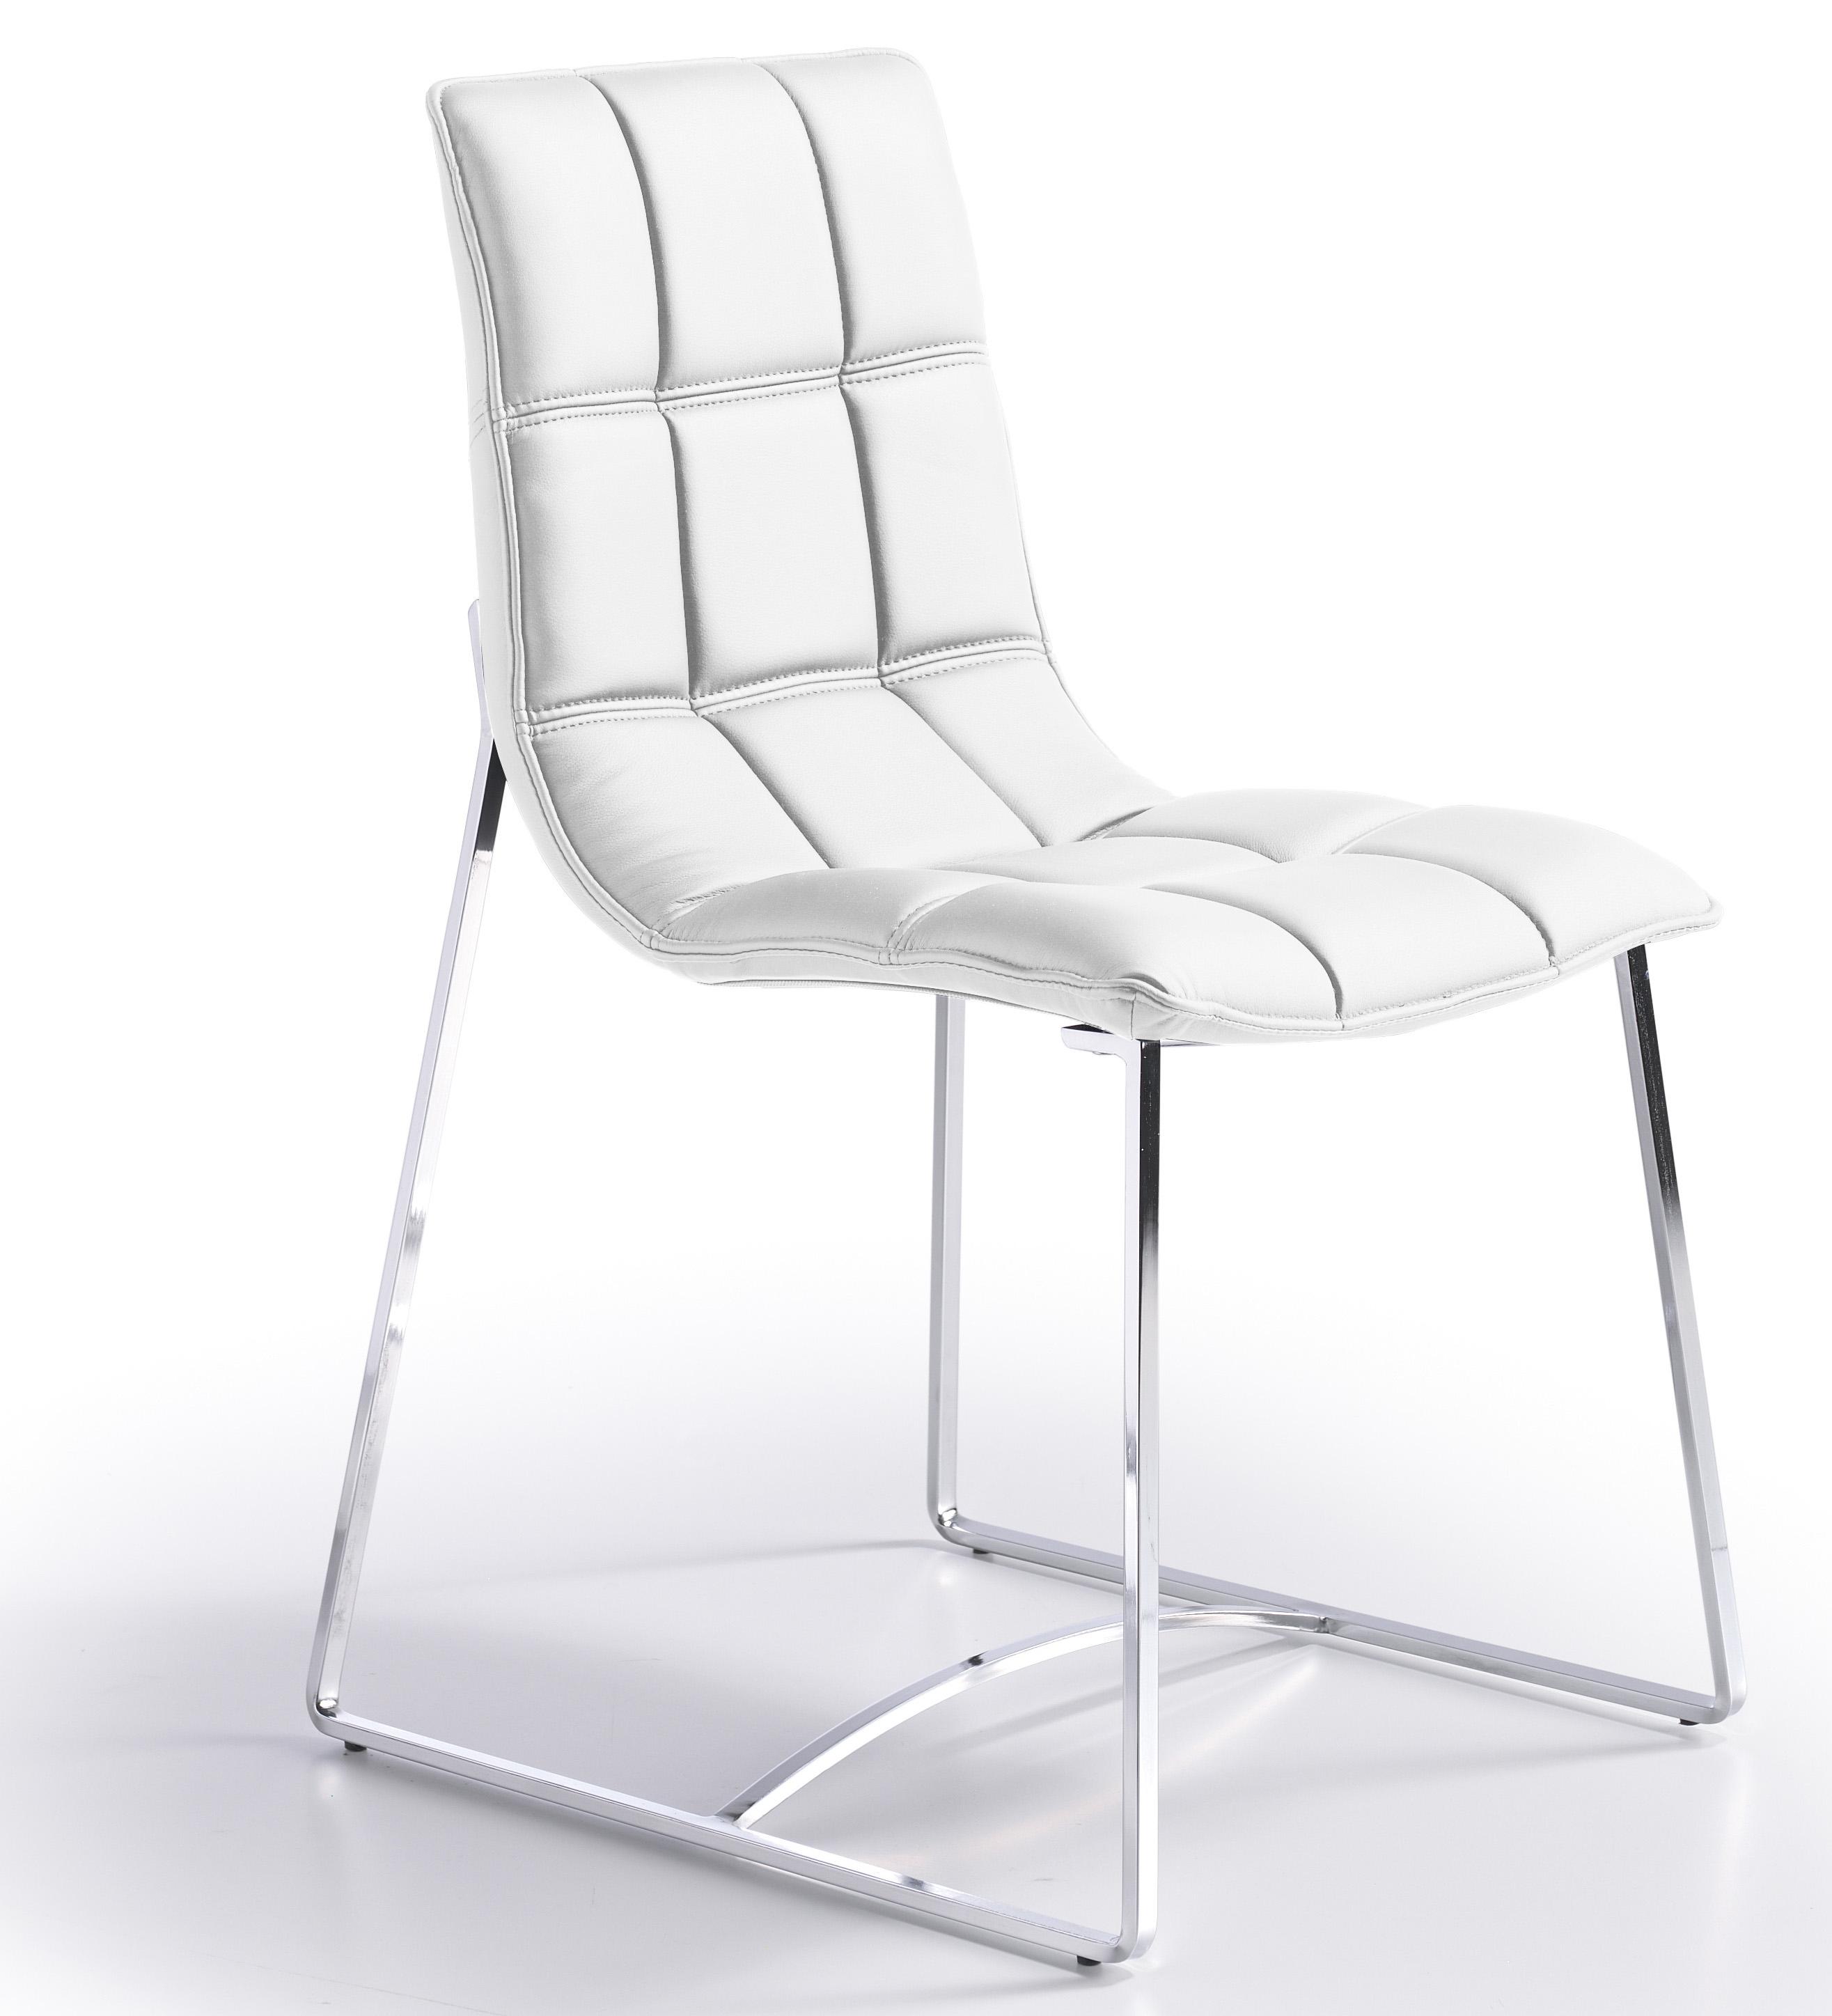 Chaise Design Matelasse Simili Blanc Koza